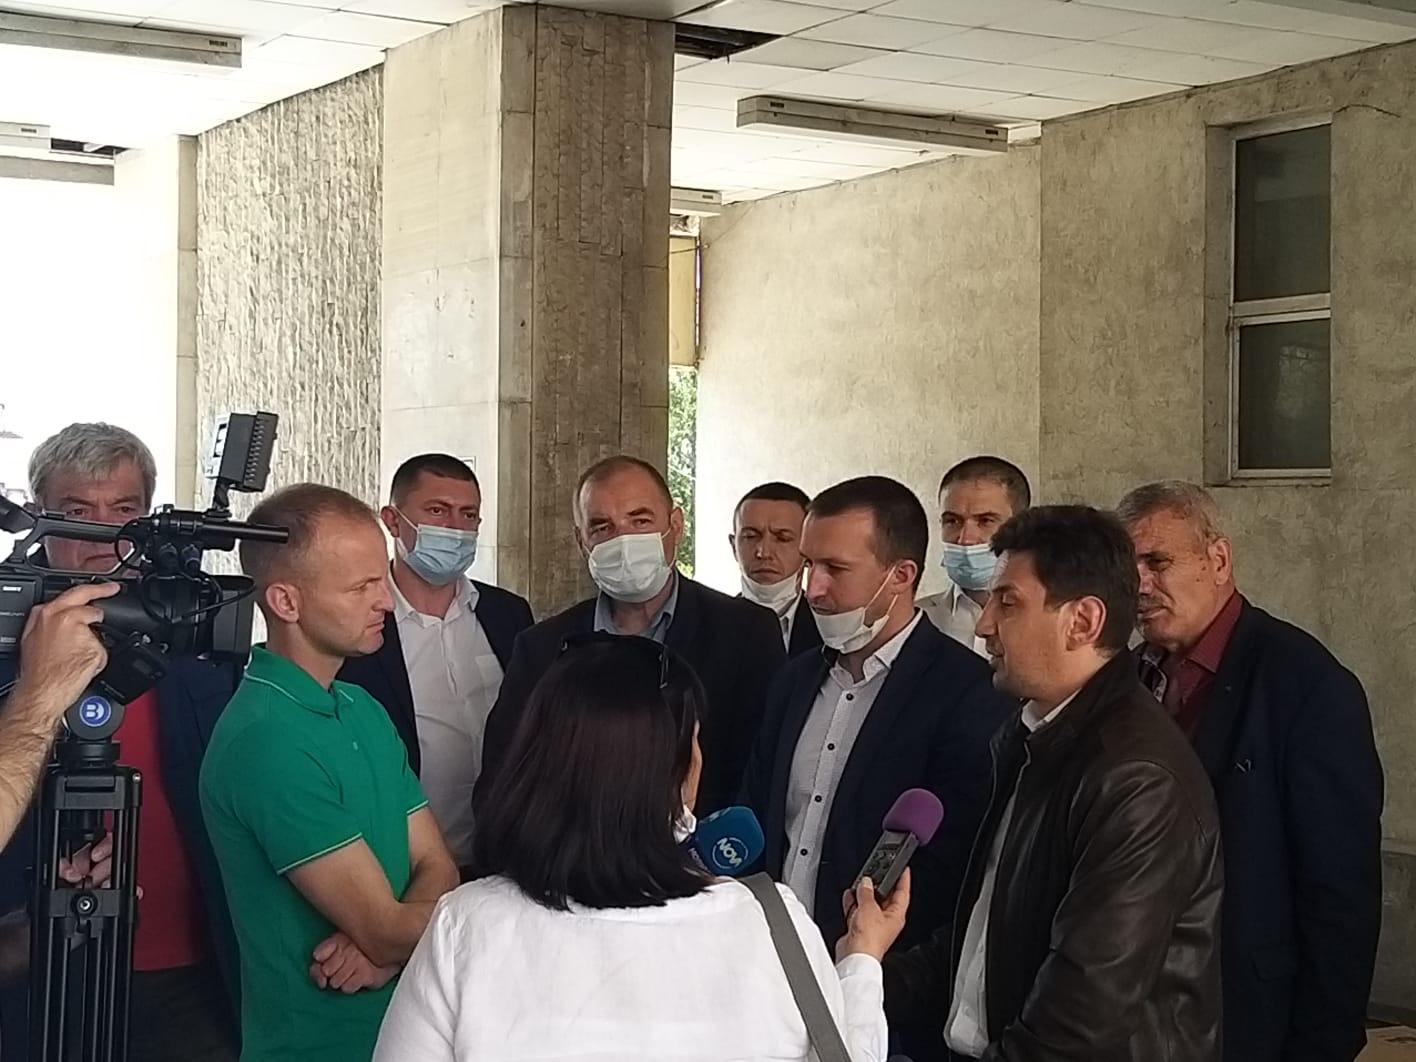 Нова лаборатория за ПСР тестове в Благоевград, благодарение на Делян Пеевски